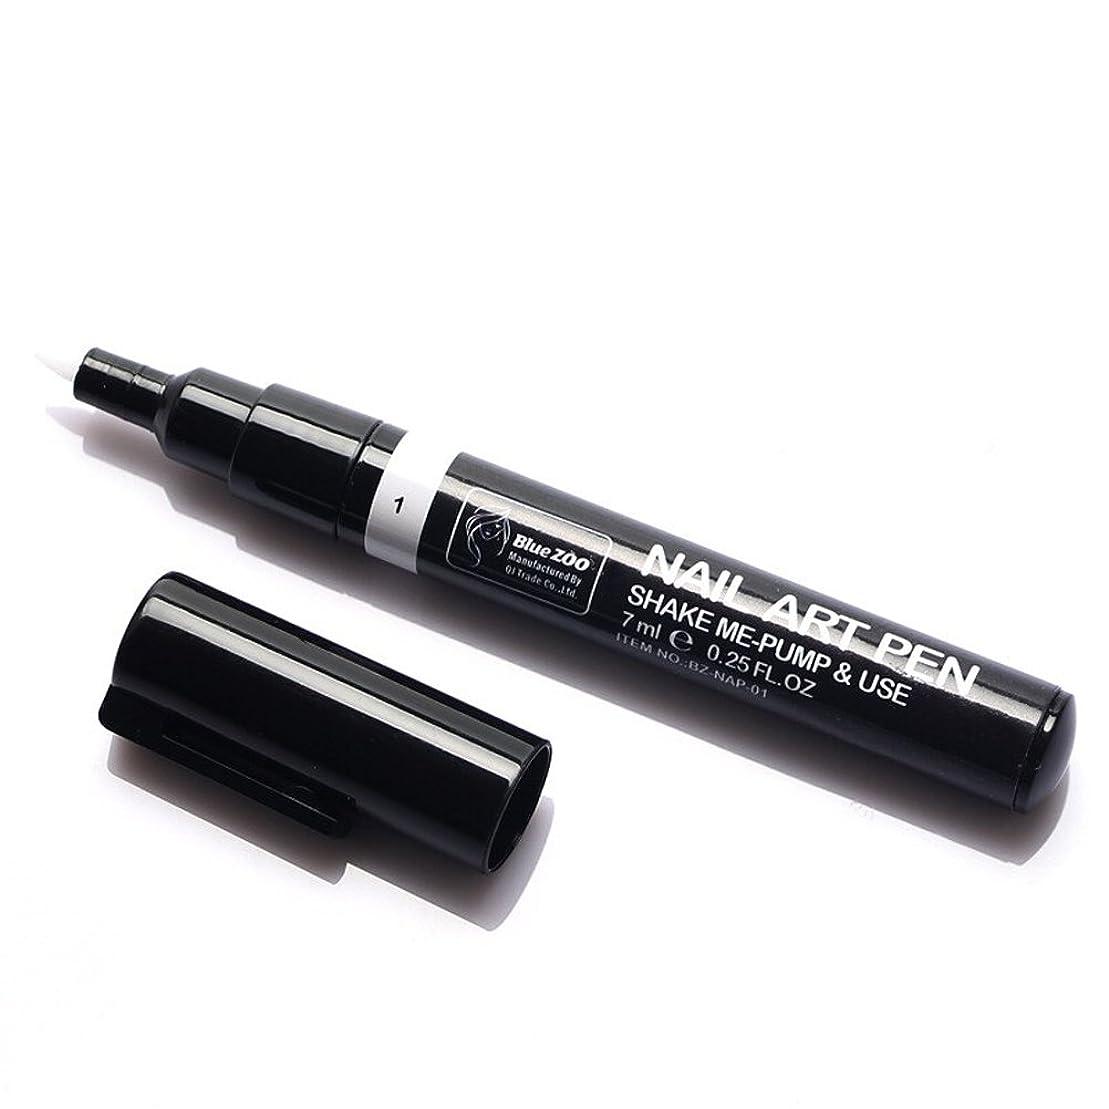 脳調整ブレンド(メイクアップエーシーシー) MakeupAcc カラーネイルアートペン 3Dネイルペン ネイルアートペン ネイルマニキュア液 ペイントペン ペイント 両用 DIY 16色 (白い) [並行輸入品]